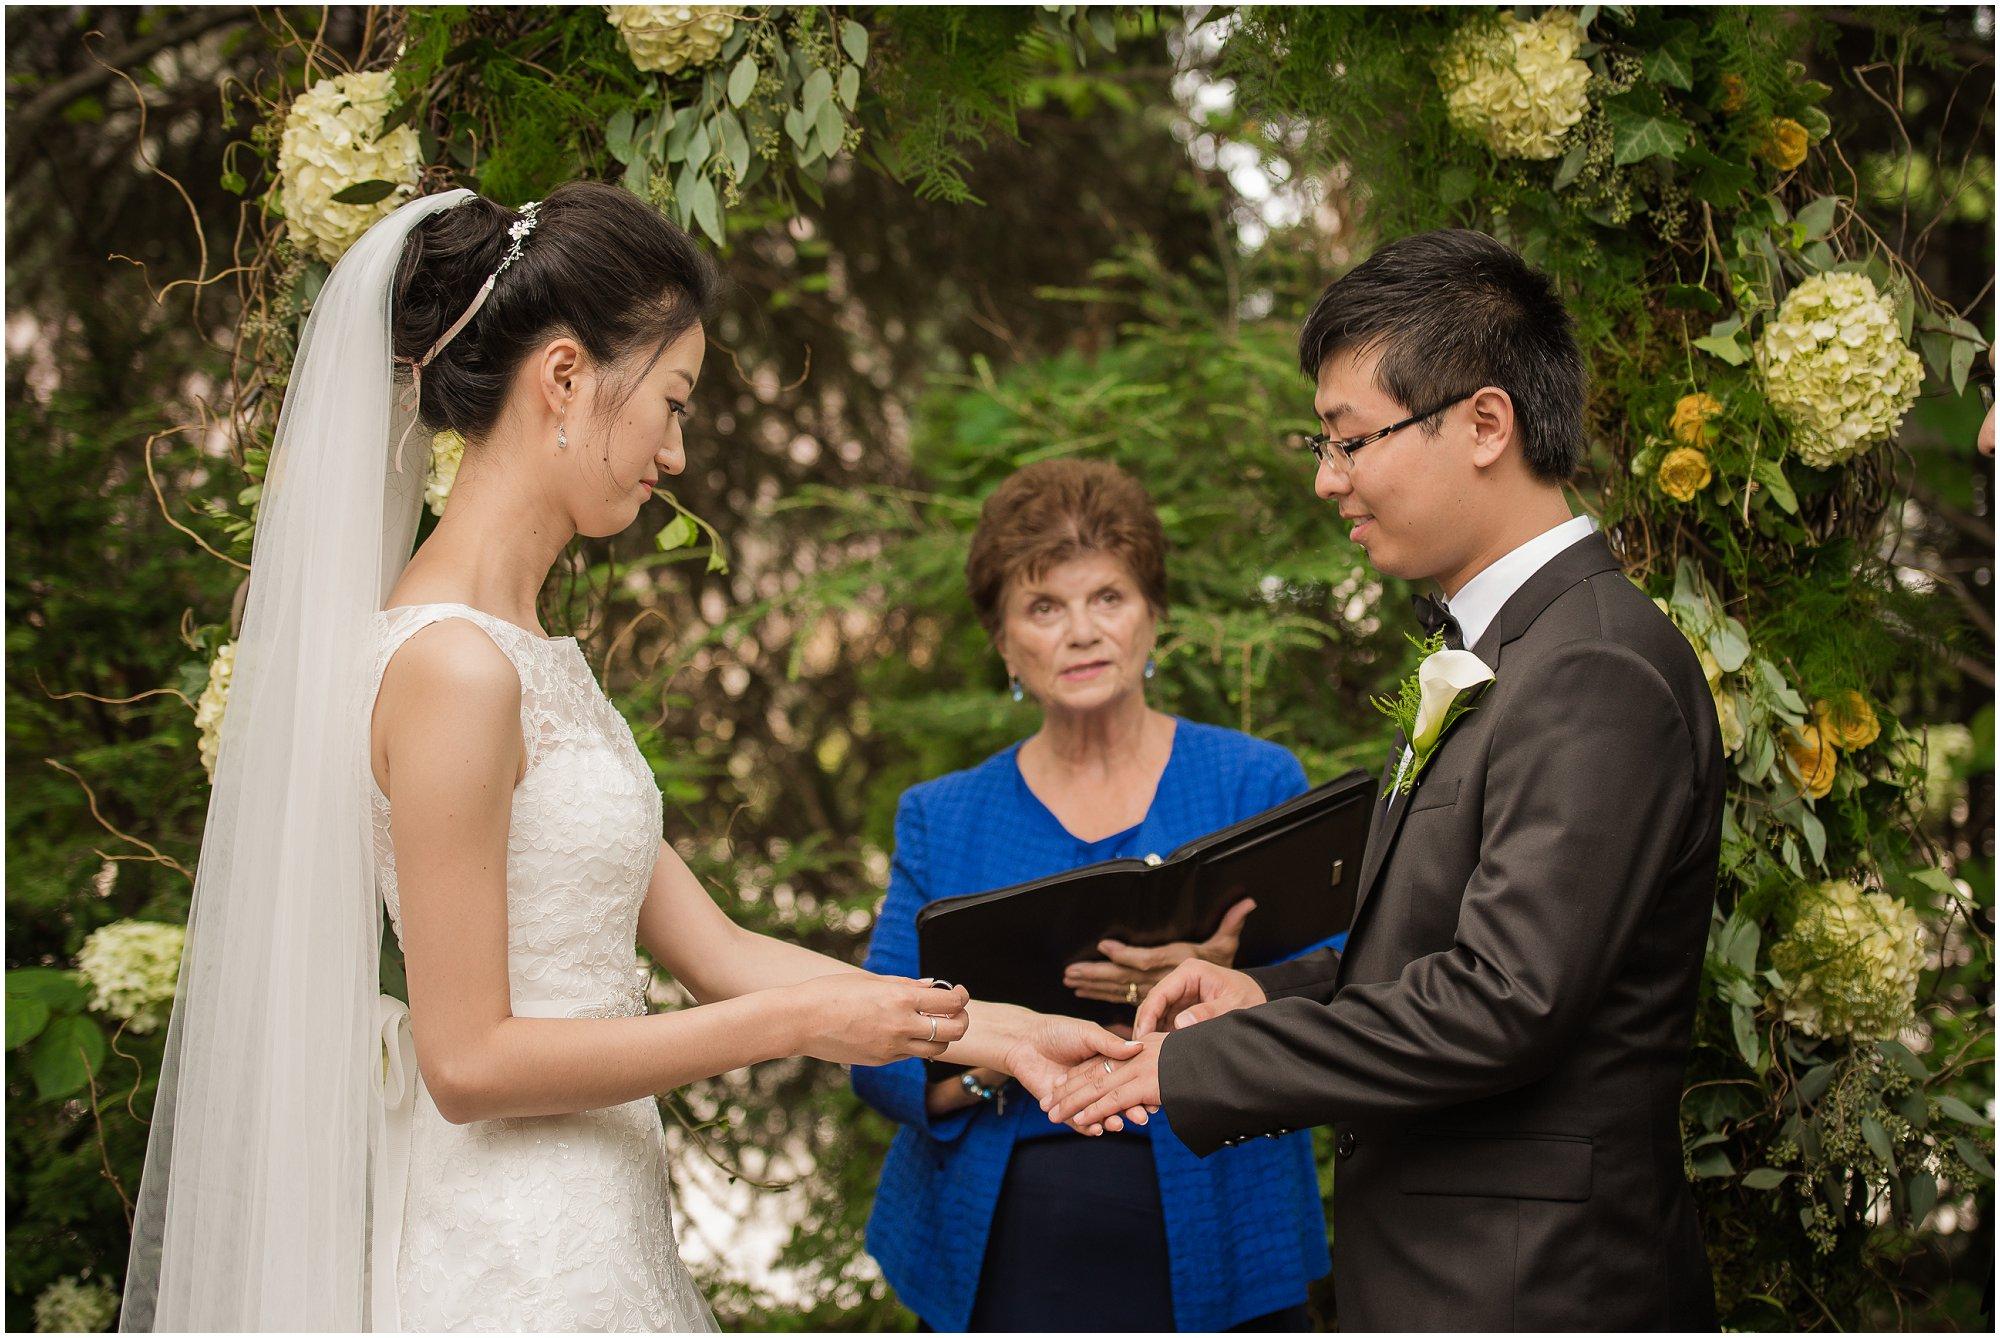 University-of-michigan-museum-of-art-wedding_1332.jpg